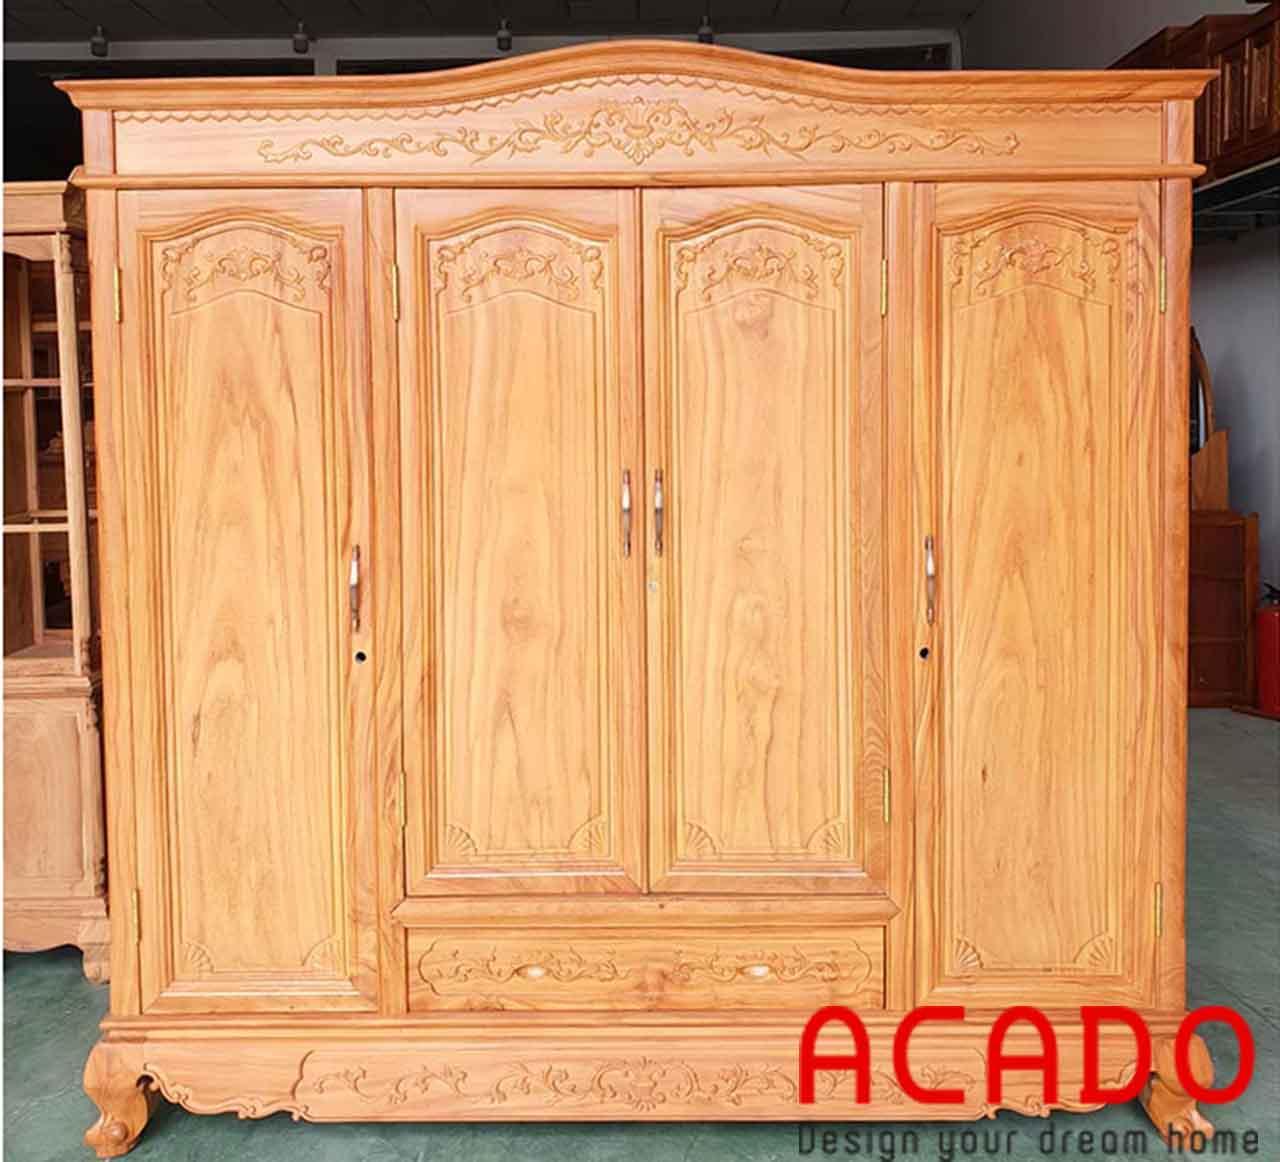 Tủ quần áo gỗ Gõ cao cấp - nội thất Aacdo